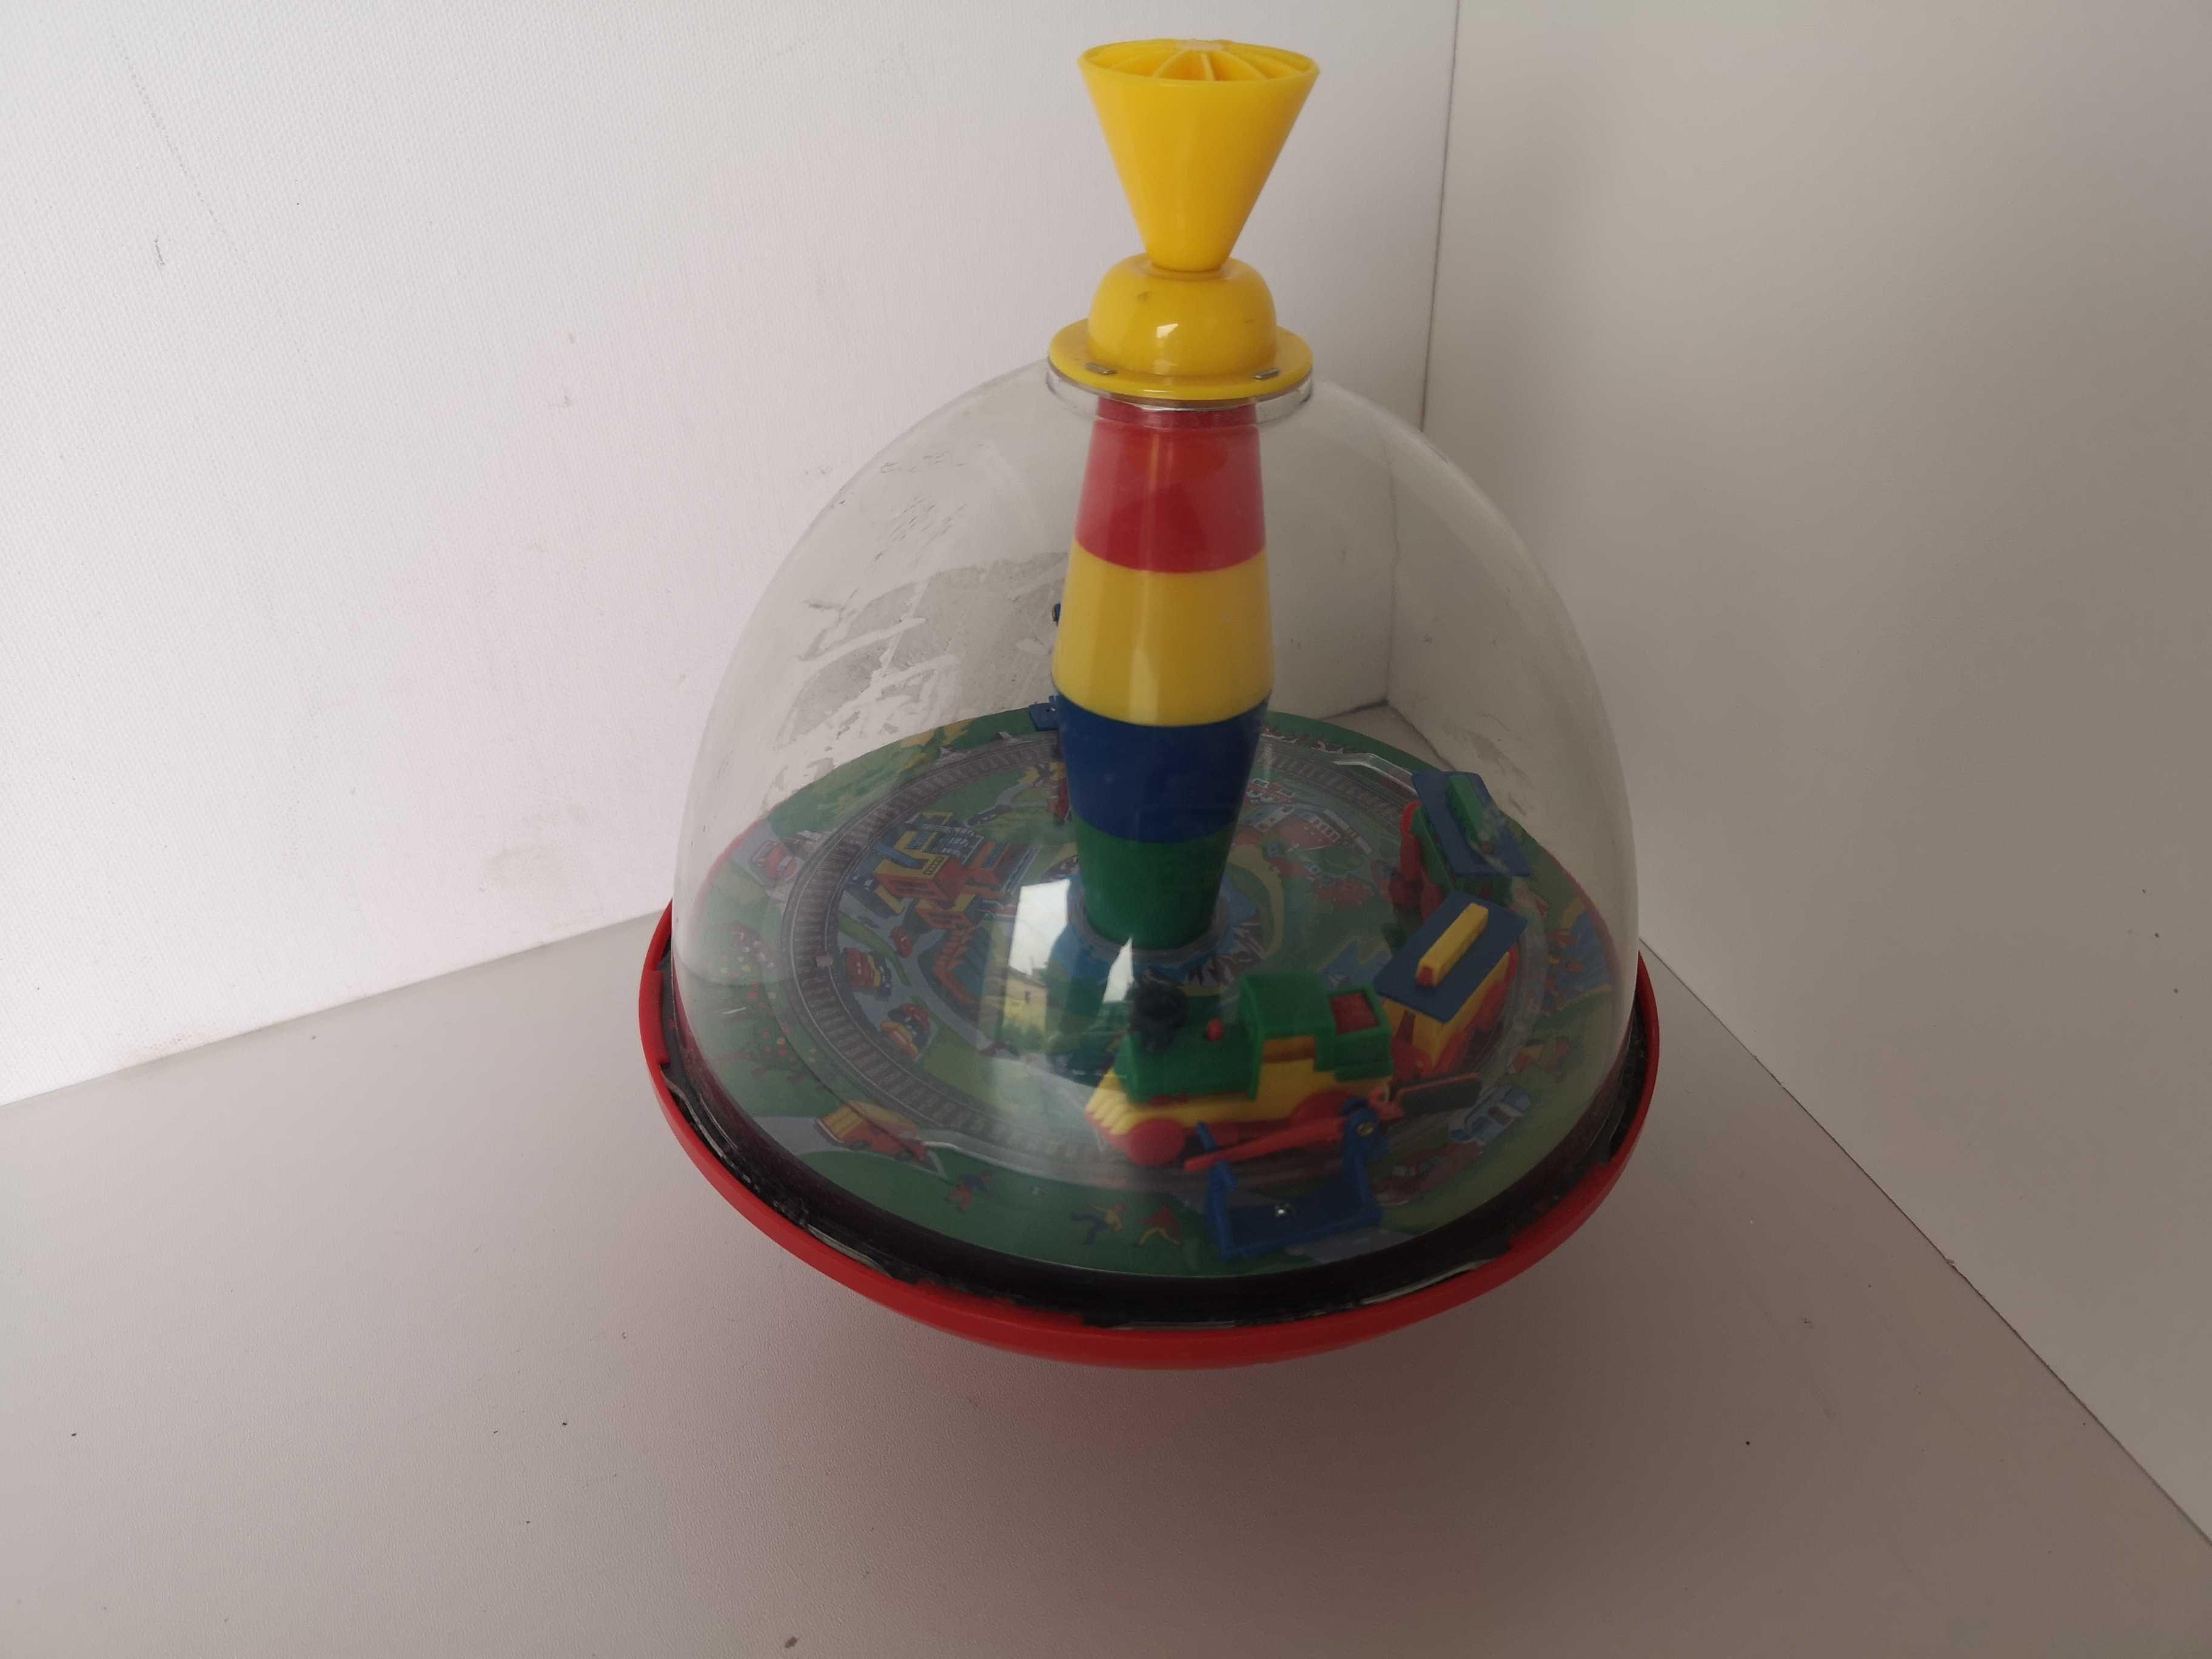 Bączek zabawka dla dziecka